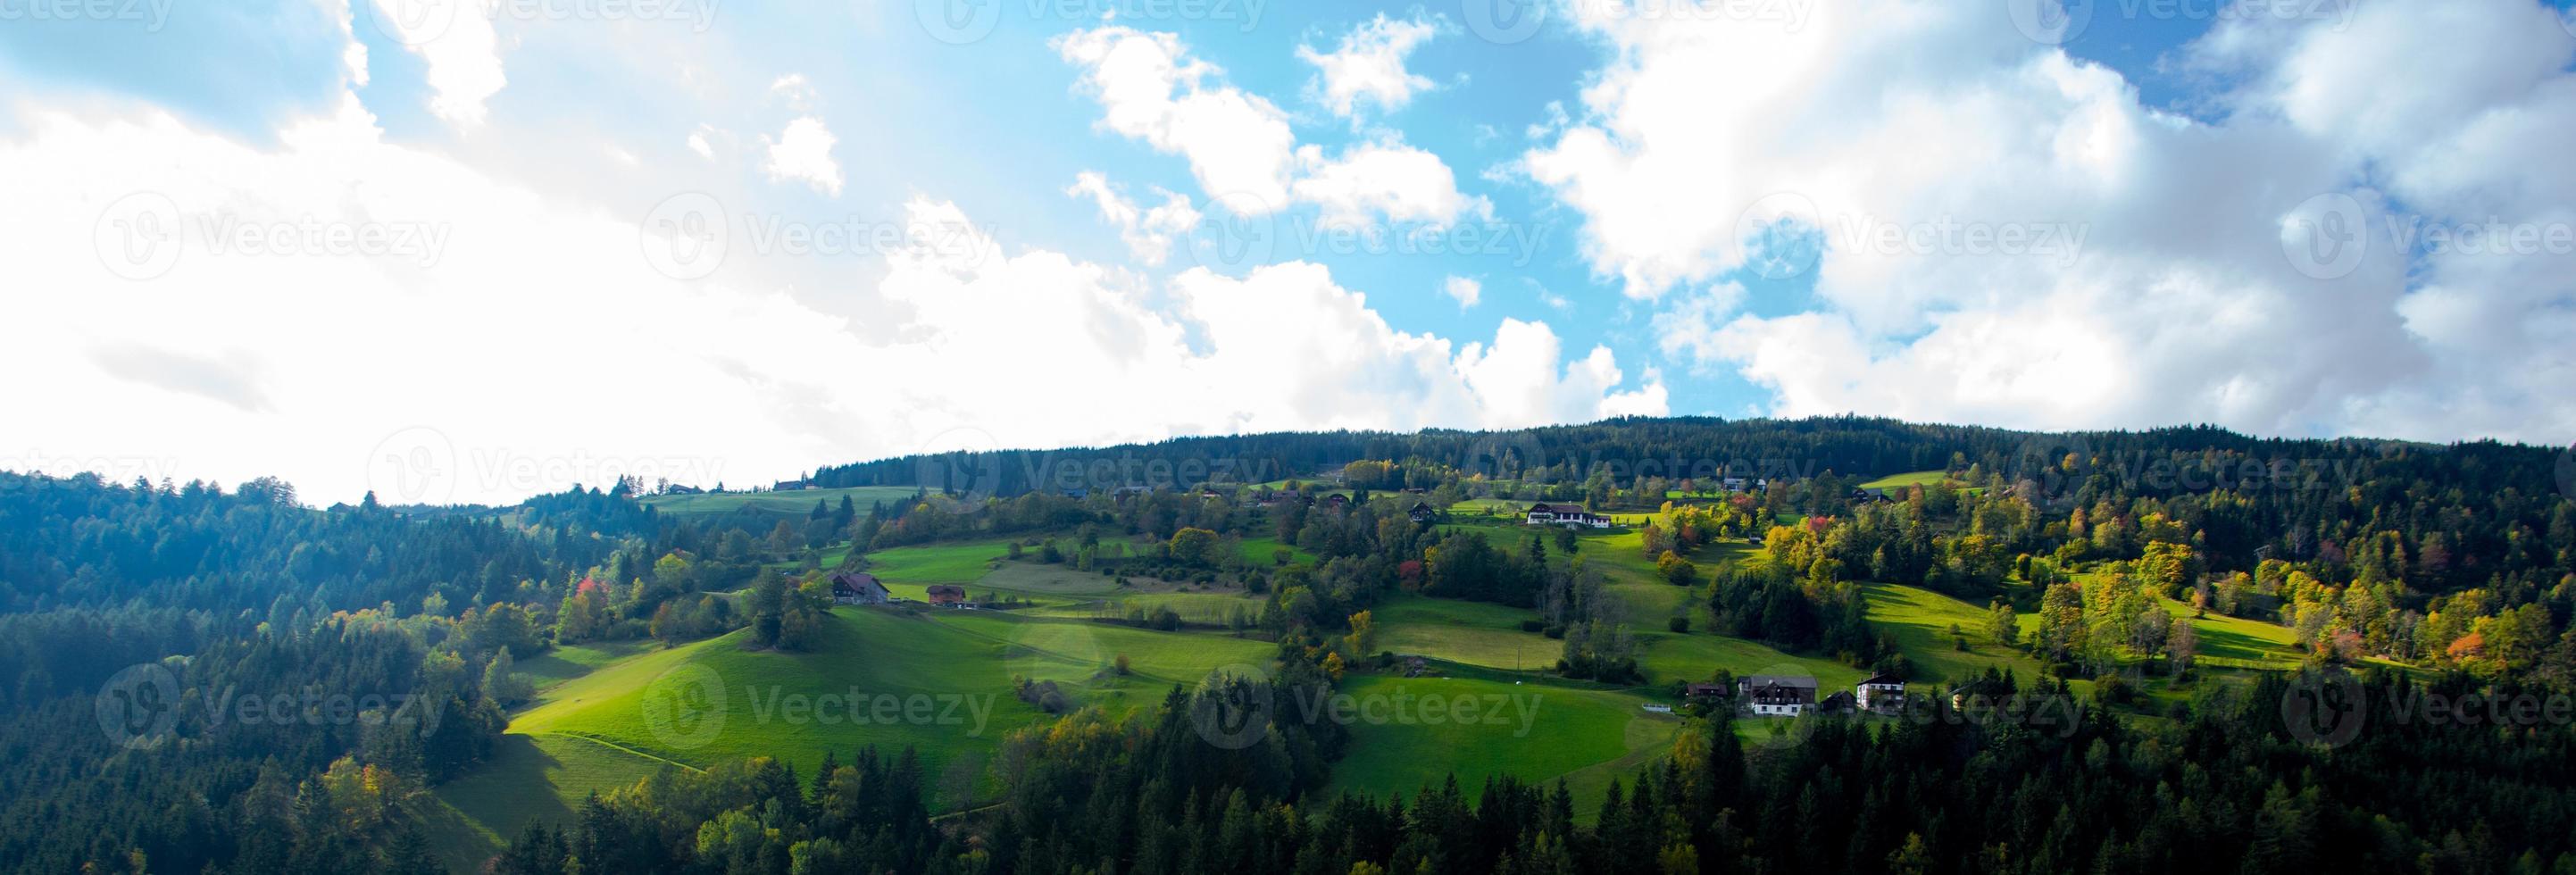 hellgrüne Wiesen und blauer Himmel foto